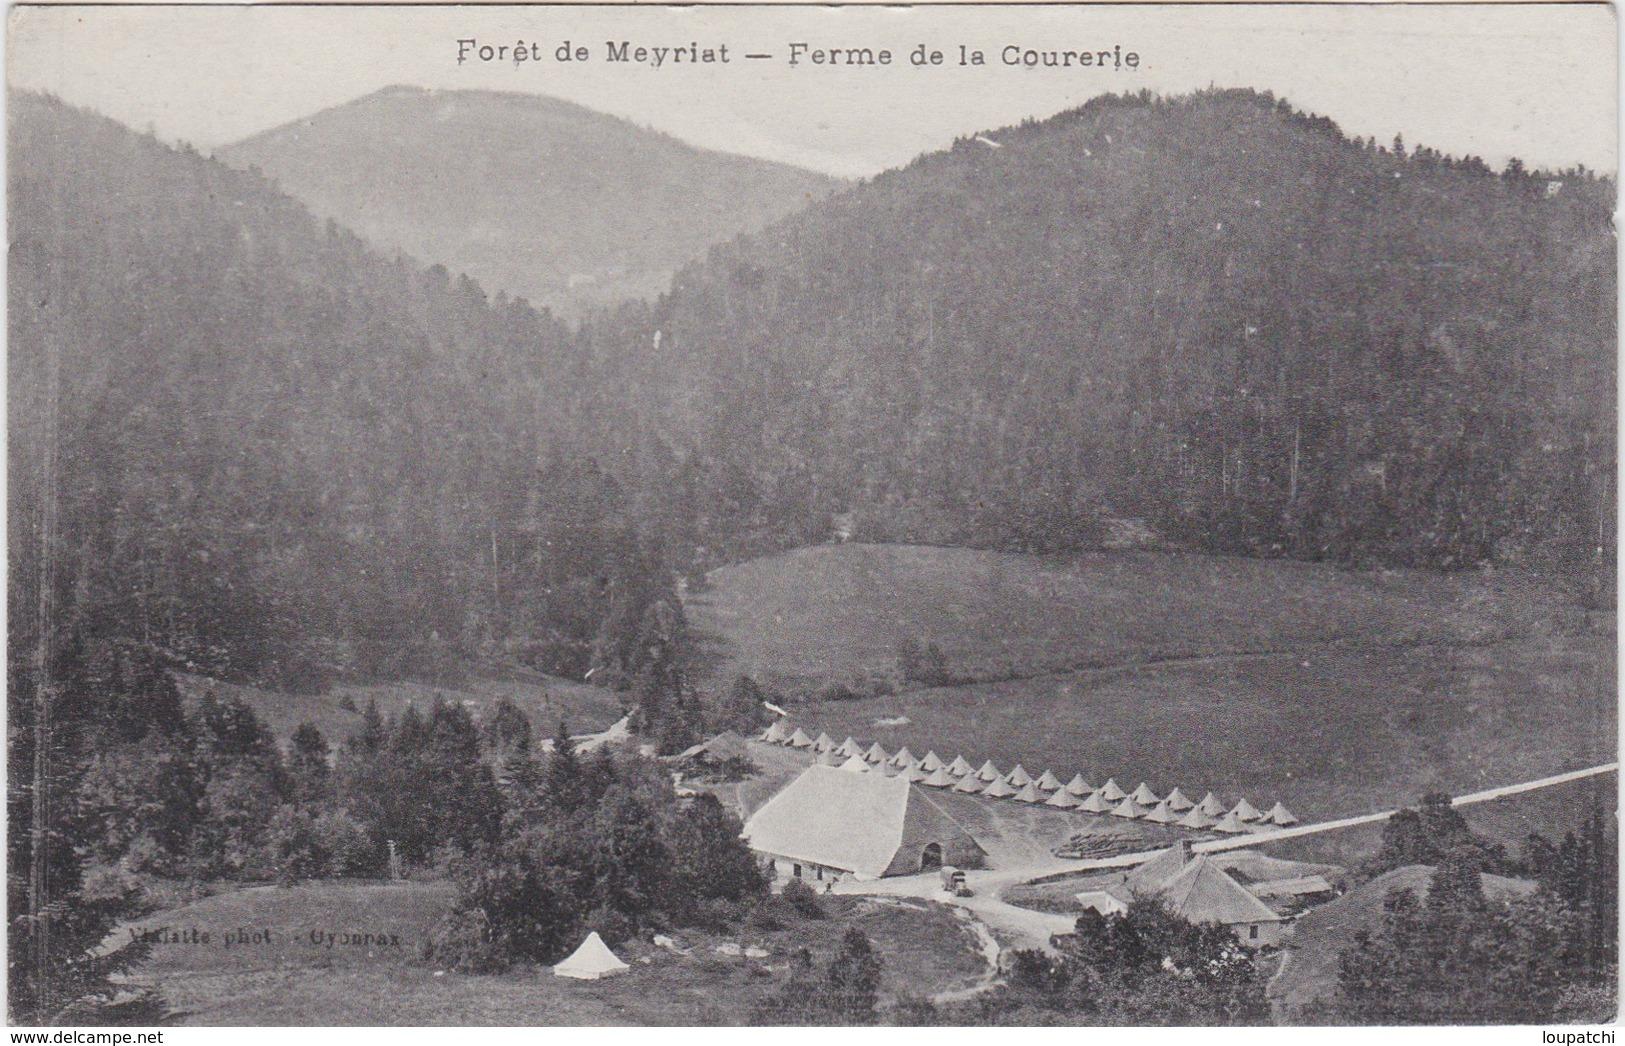 Foret De Meyriat Ferme De La Courerie - France